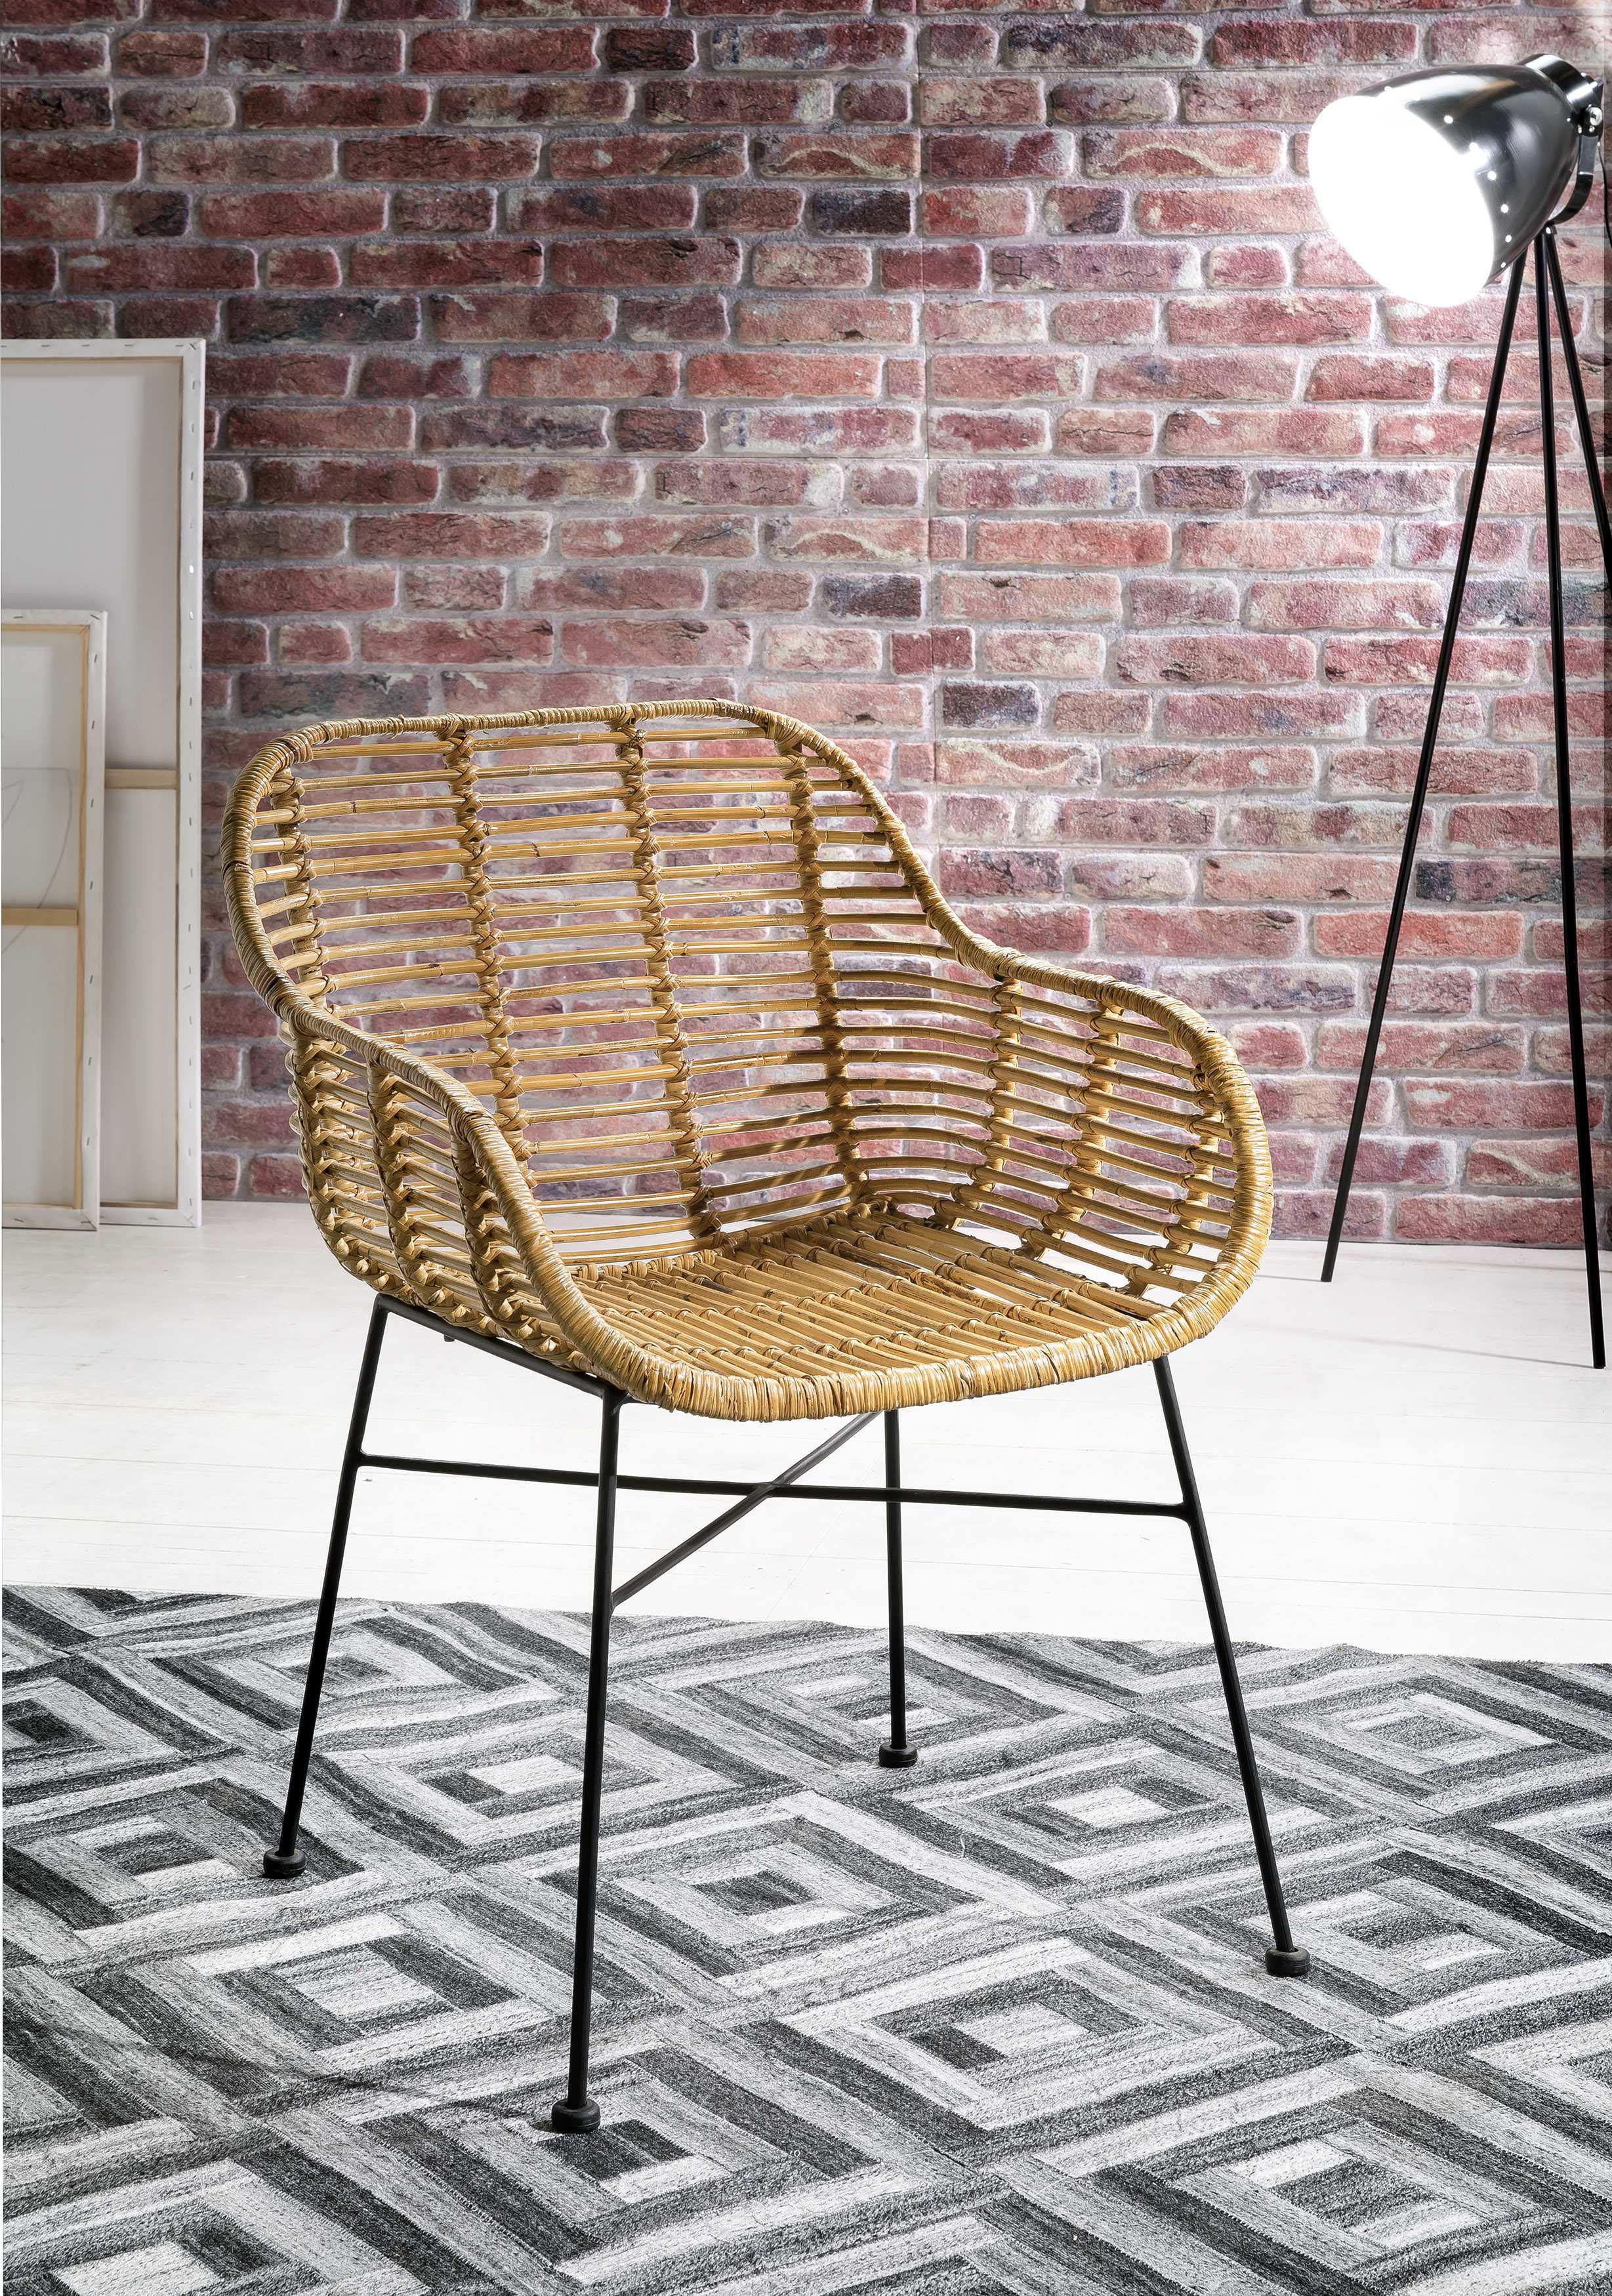 SIT Rattanstuhl Rattan Vintage, mit Armlehnen, Shabby Chic, Vintage beige 4-Fuß-Stühle Stühle Sitzbänke